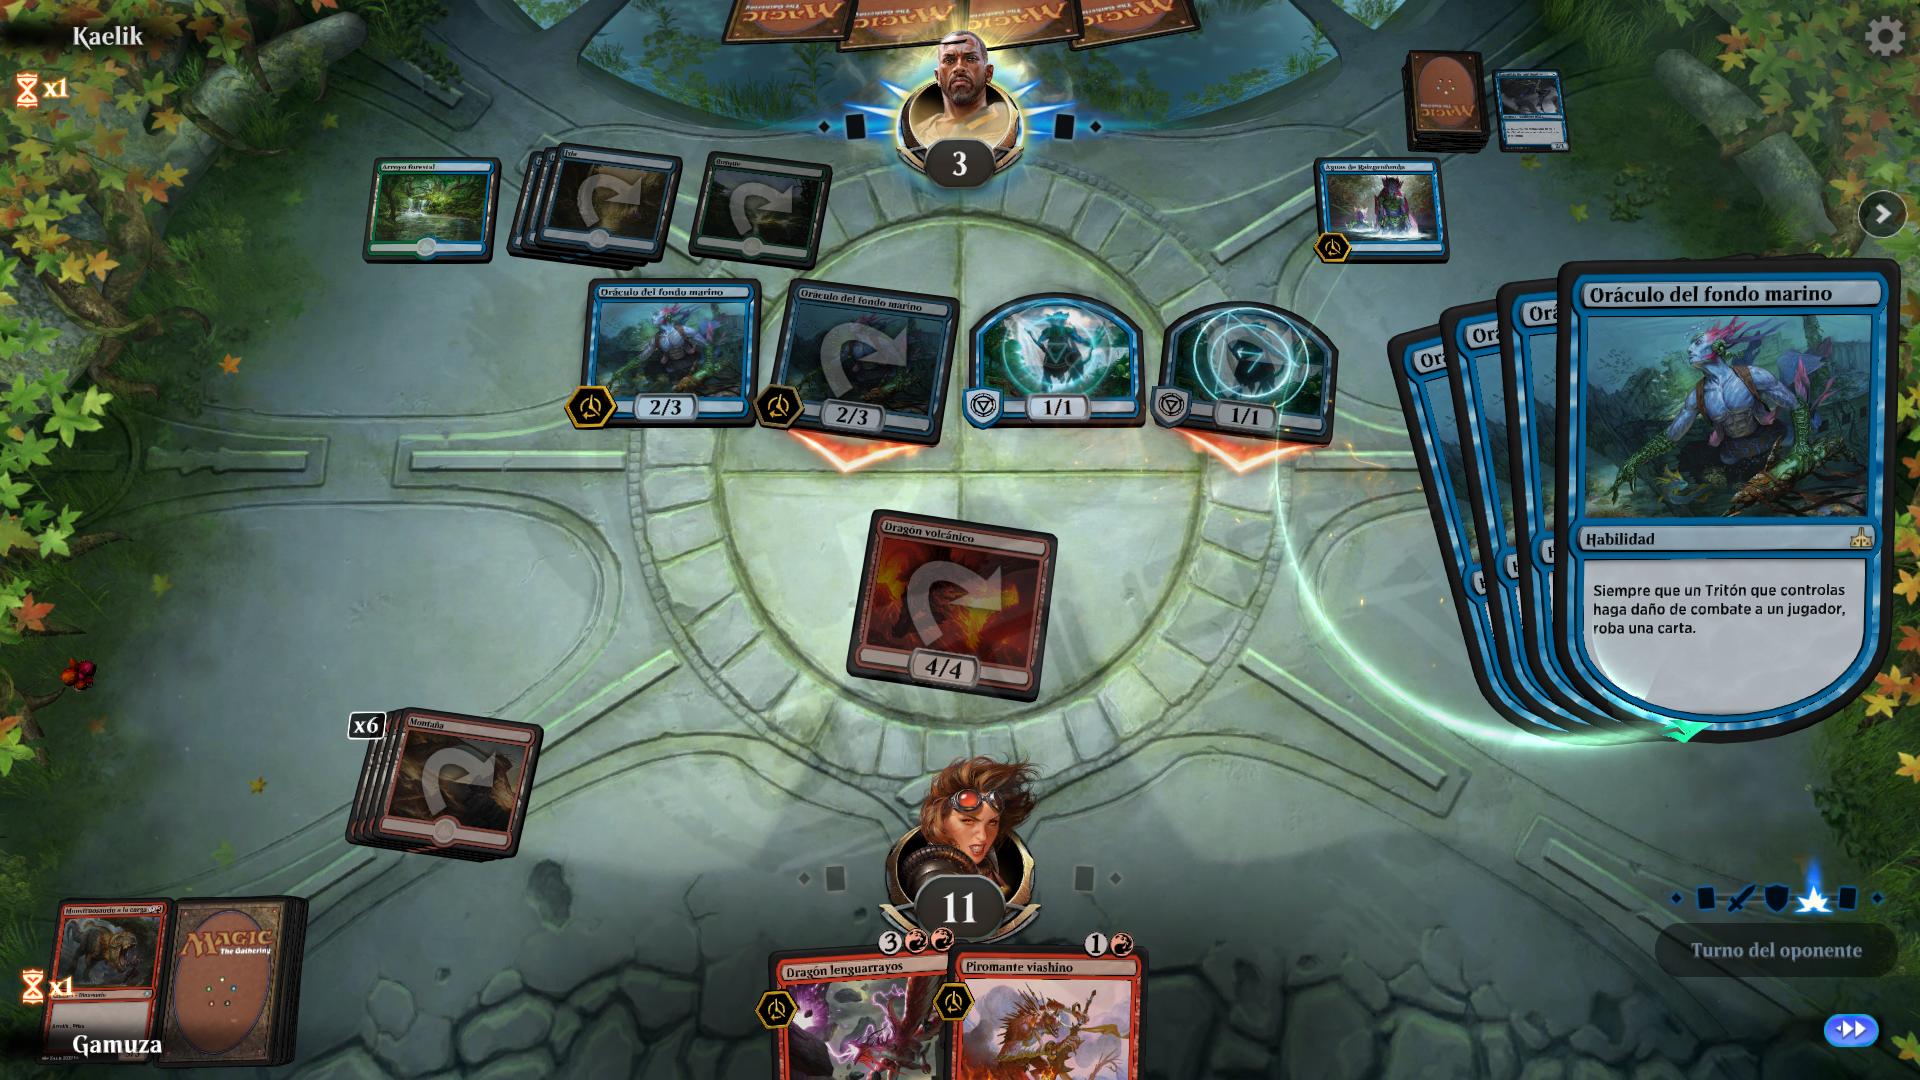 Turno del oponente - Magic the Gathering: Arena